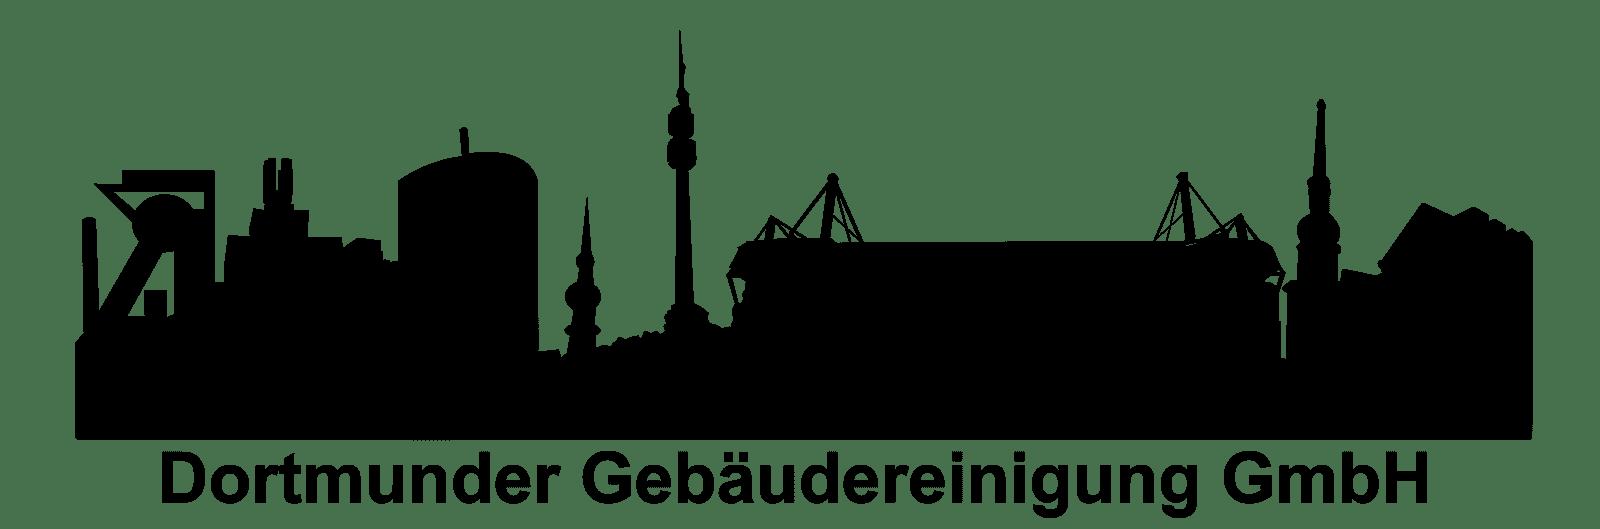 Dortmunder Gebäudereinigung GmbH